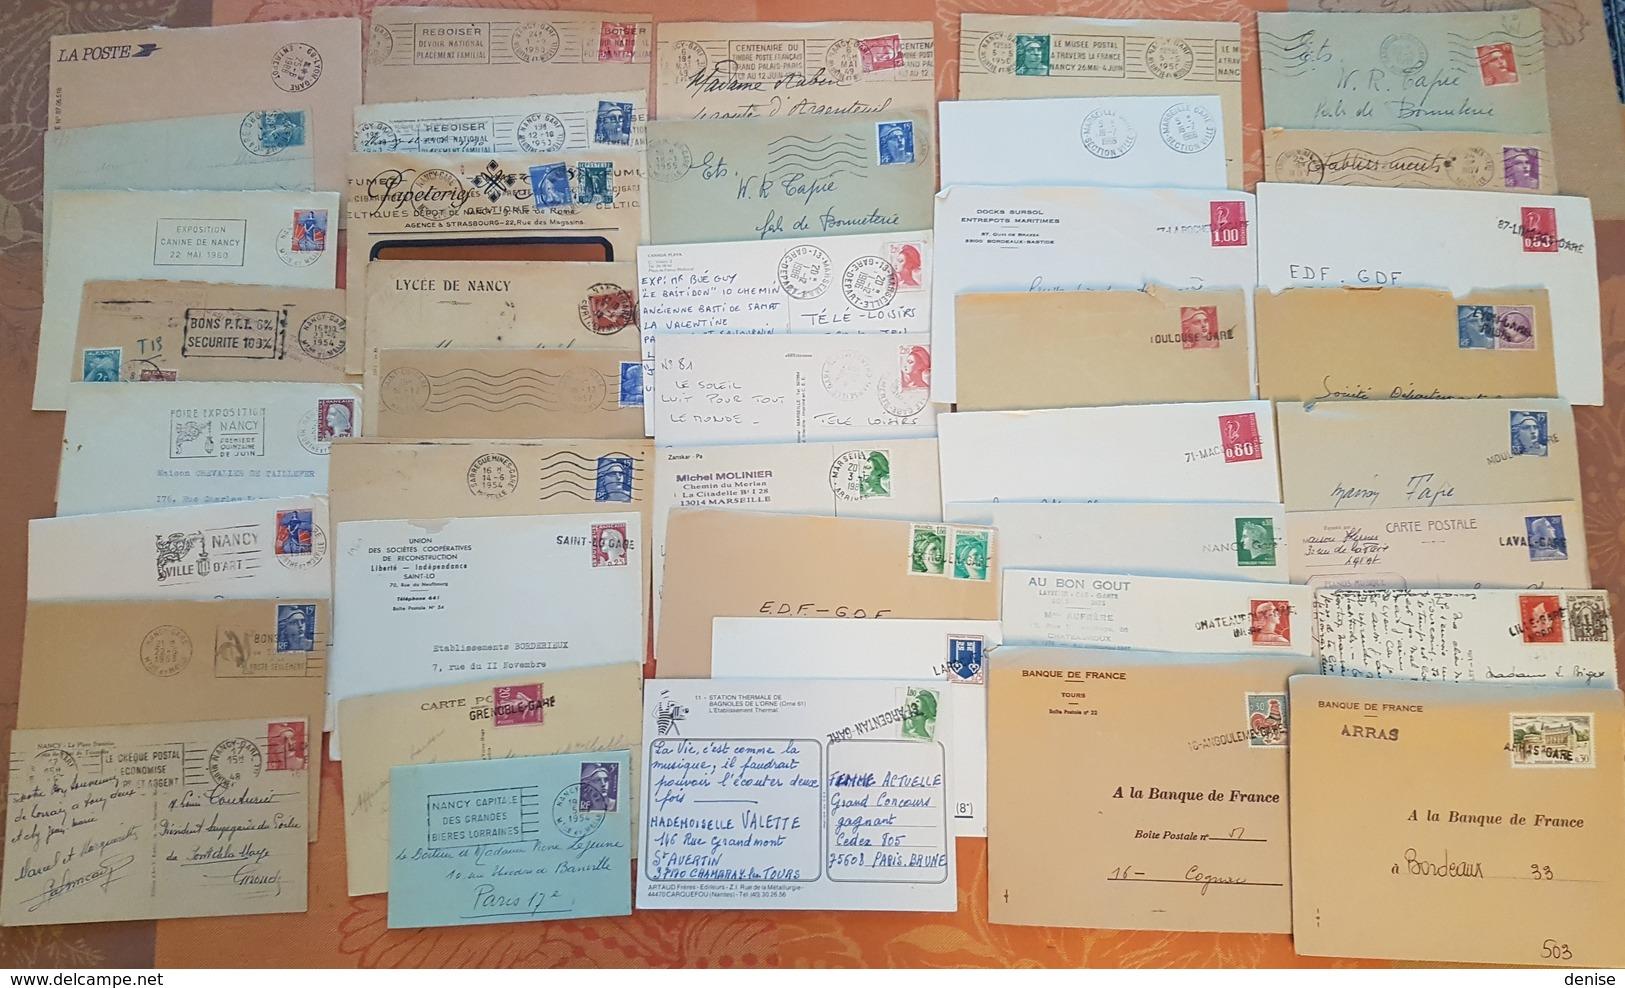 France - Lot De 90 Lettres Et Cartes Postales  - Poste Ferroviaire - Cachets Et Griffes De Gare  - DEPART 1 EURO - Railway Post